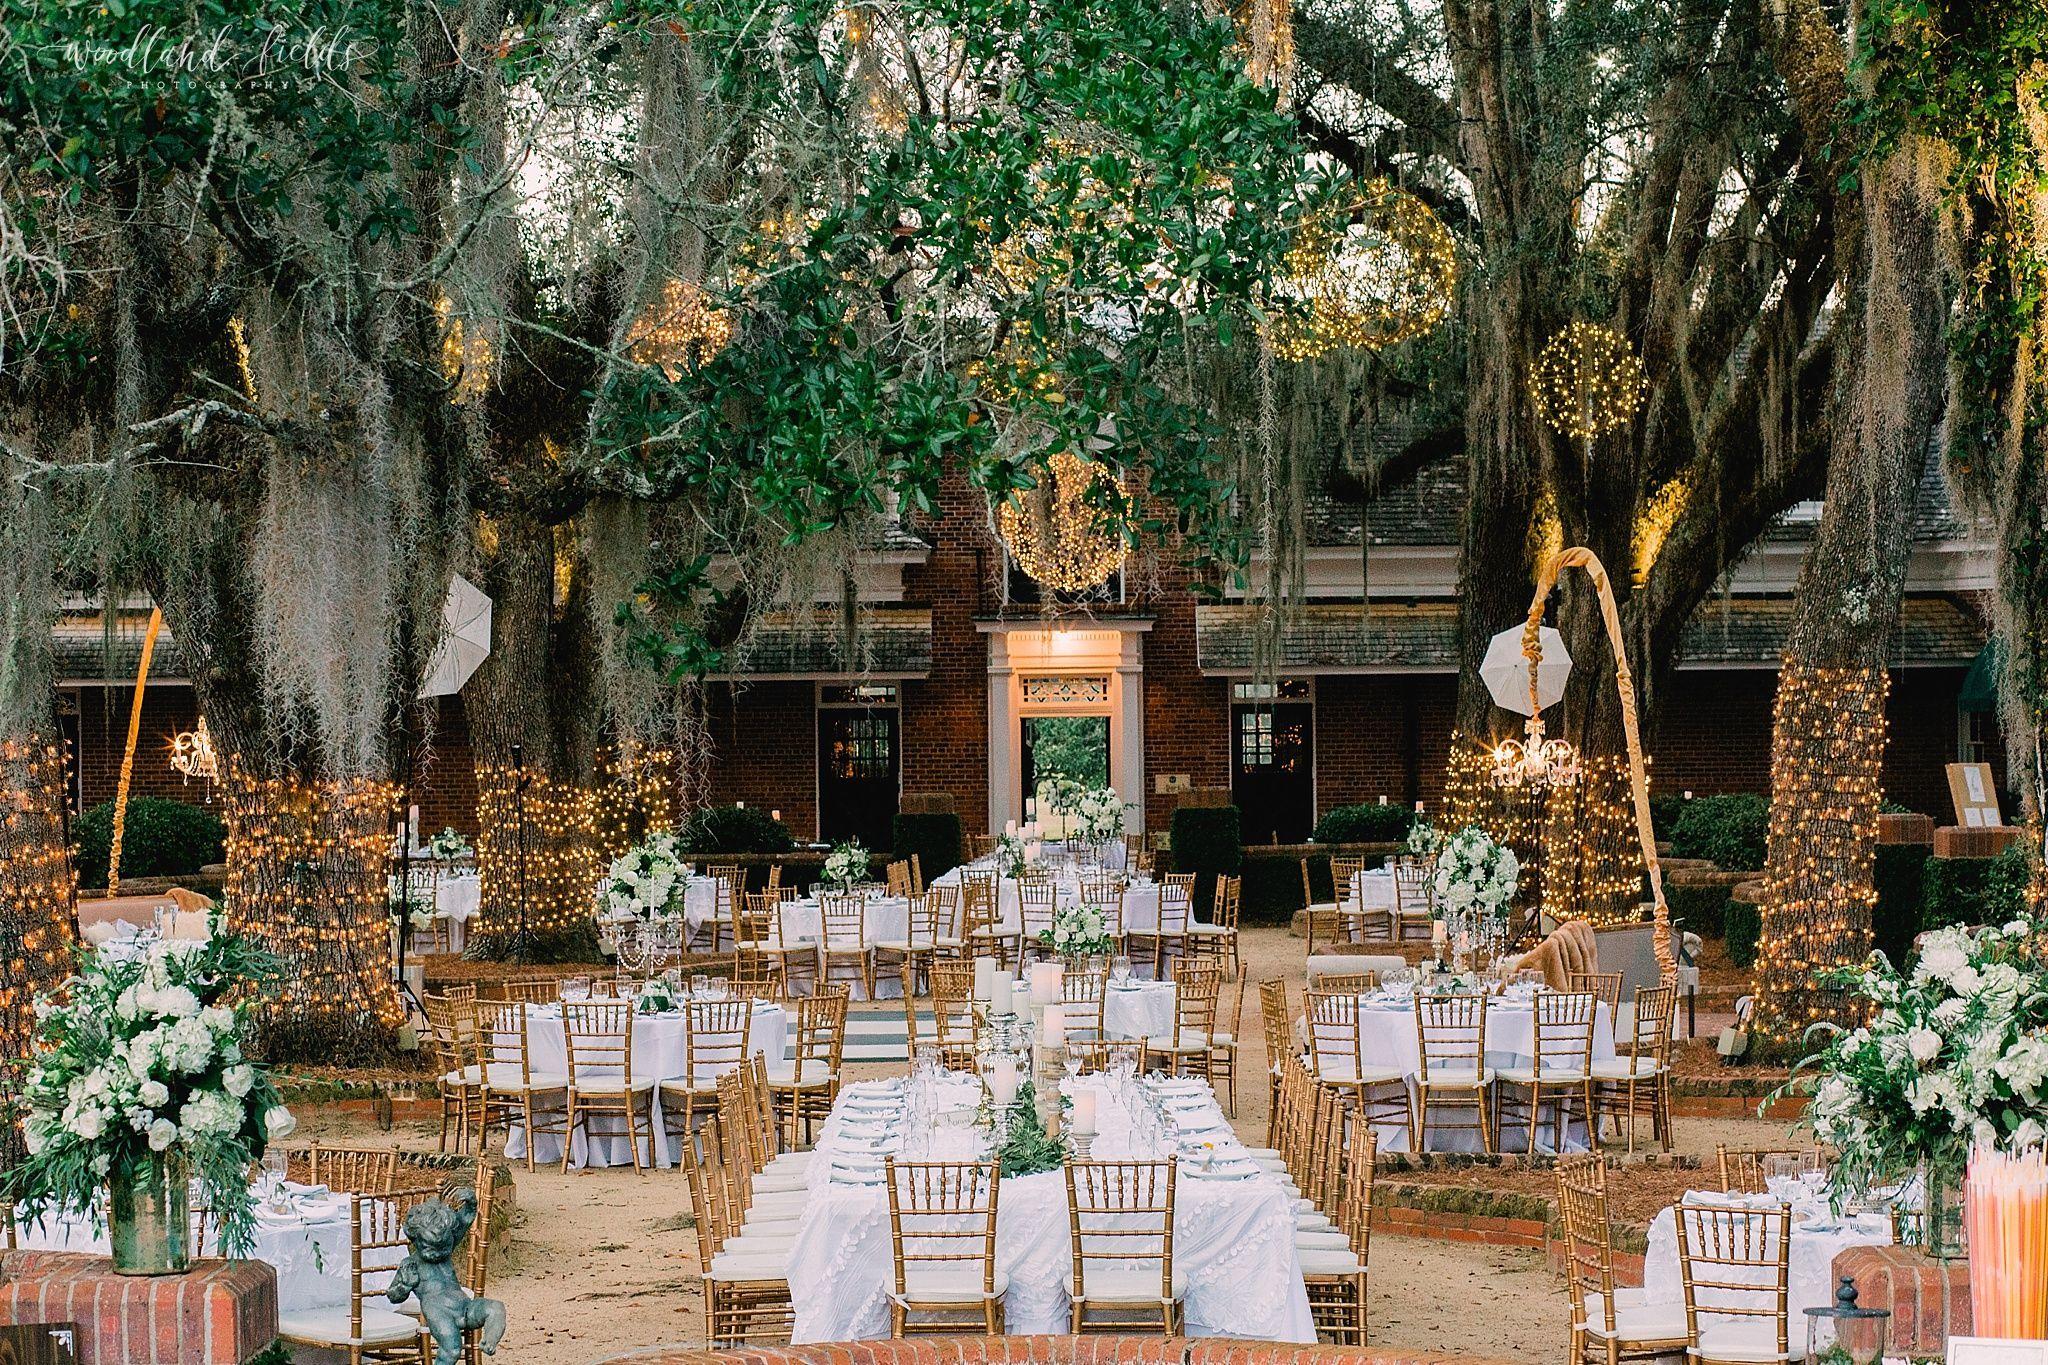 Pin On Fun Wedding Receptions